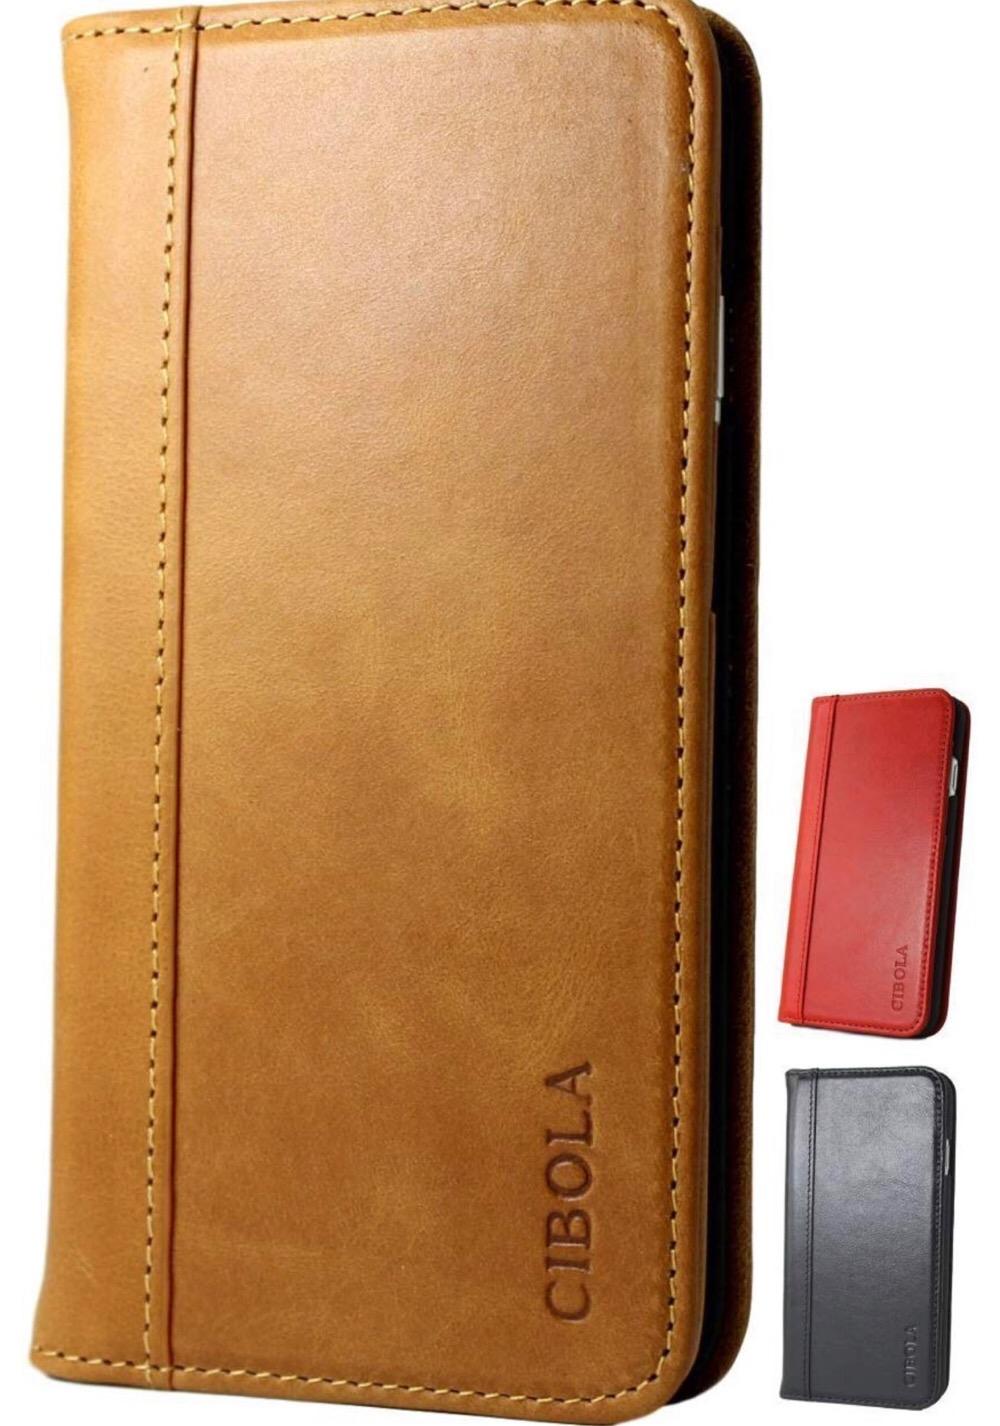 CIBOLAより大人のオシャレな手帳型iPhone Xsケースのご紹介